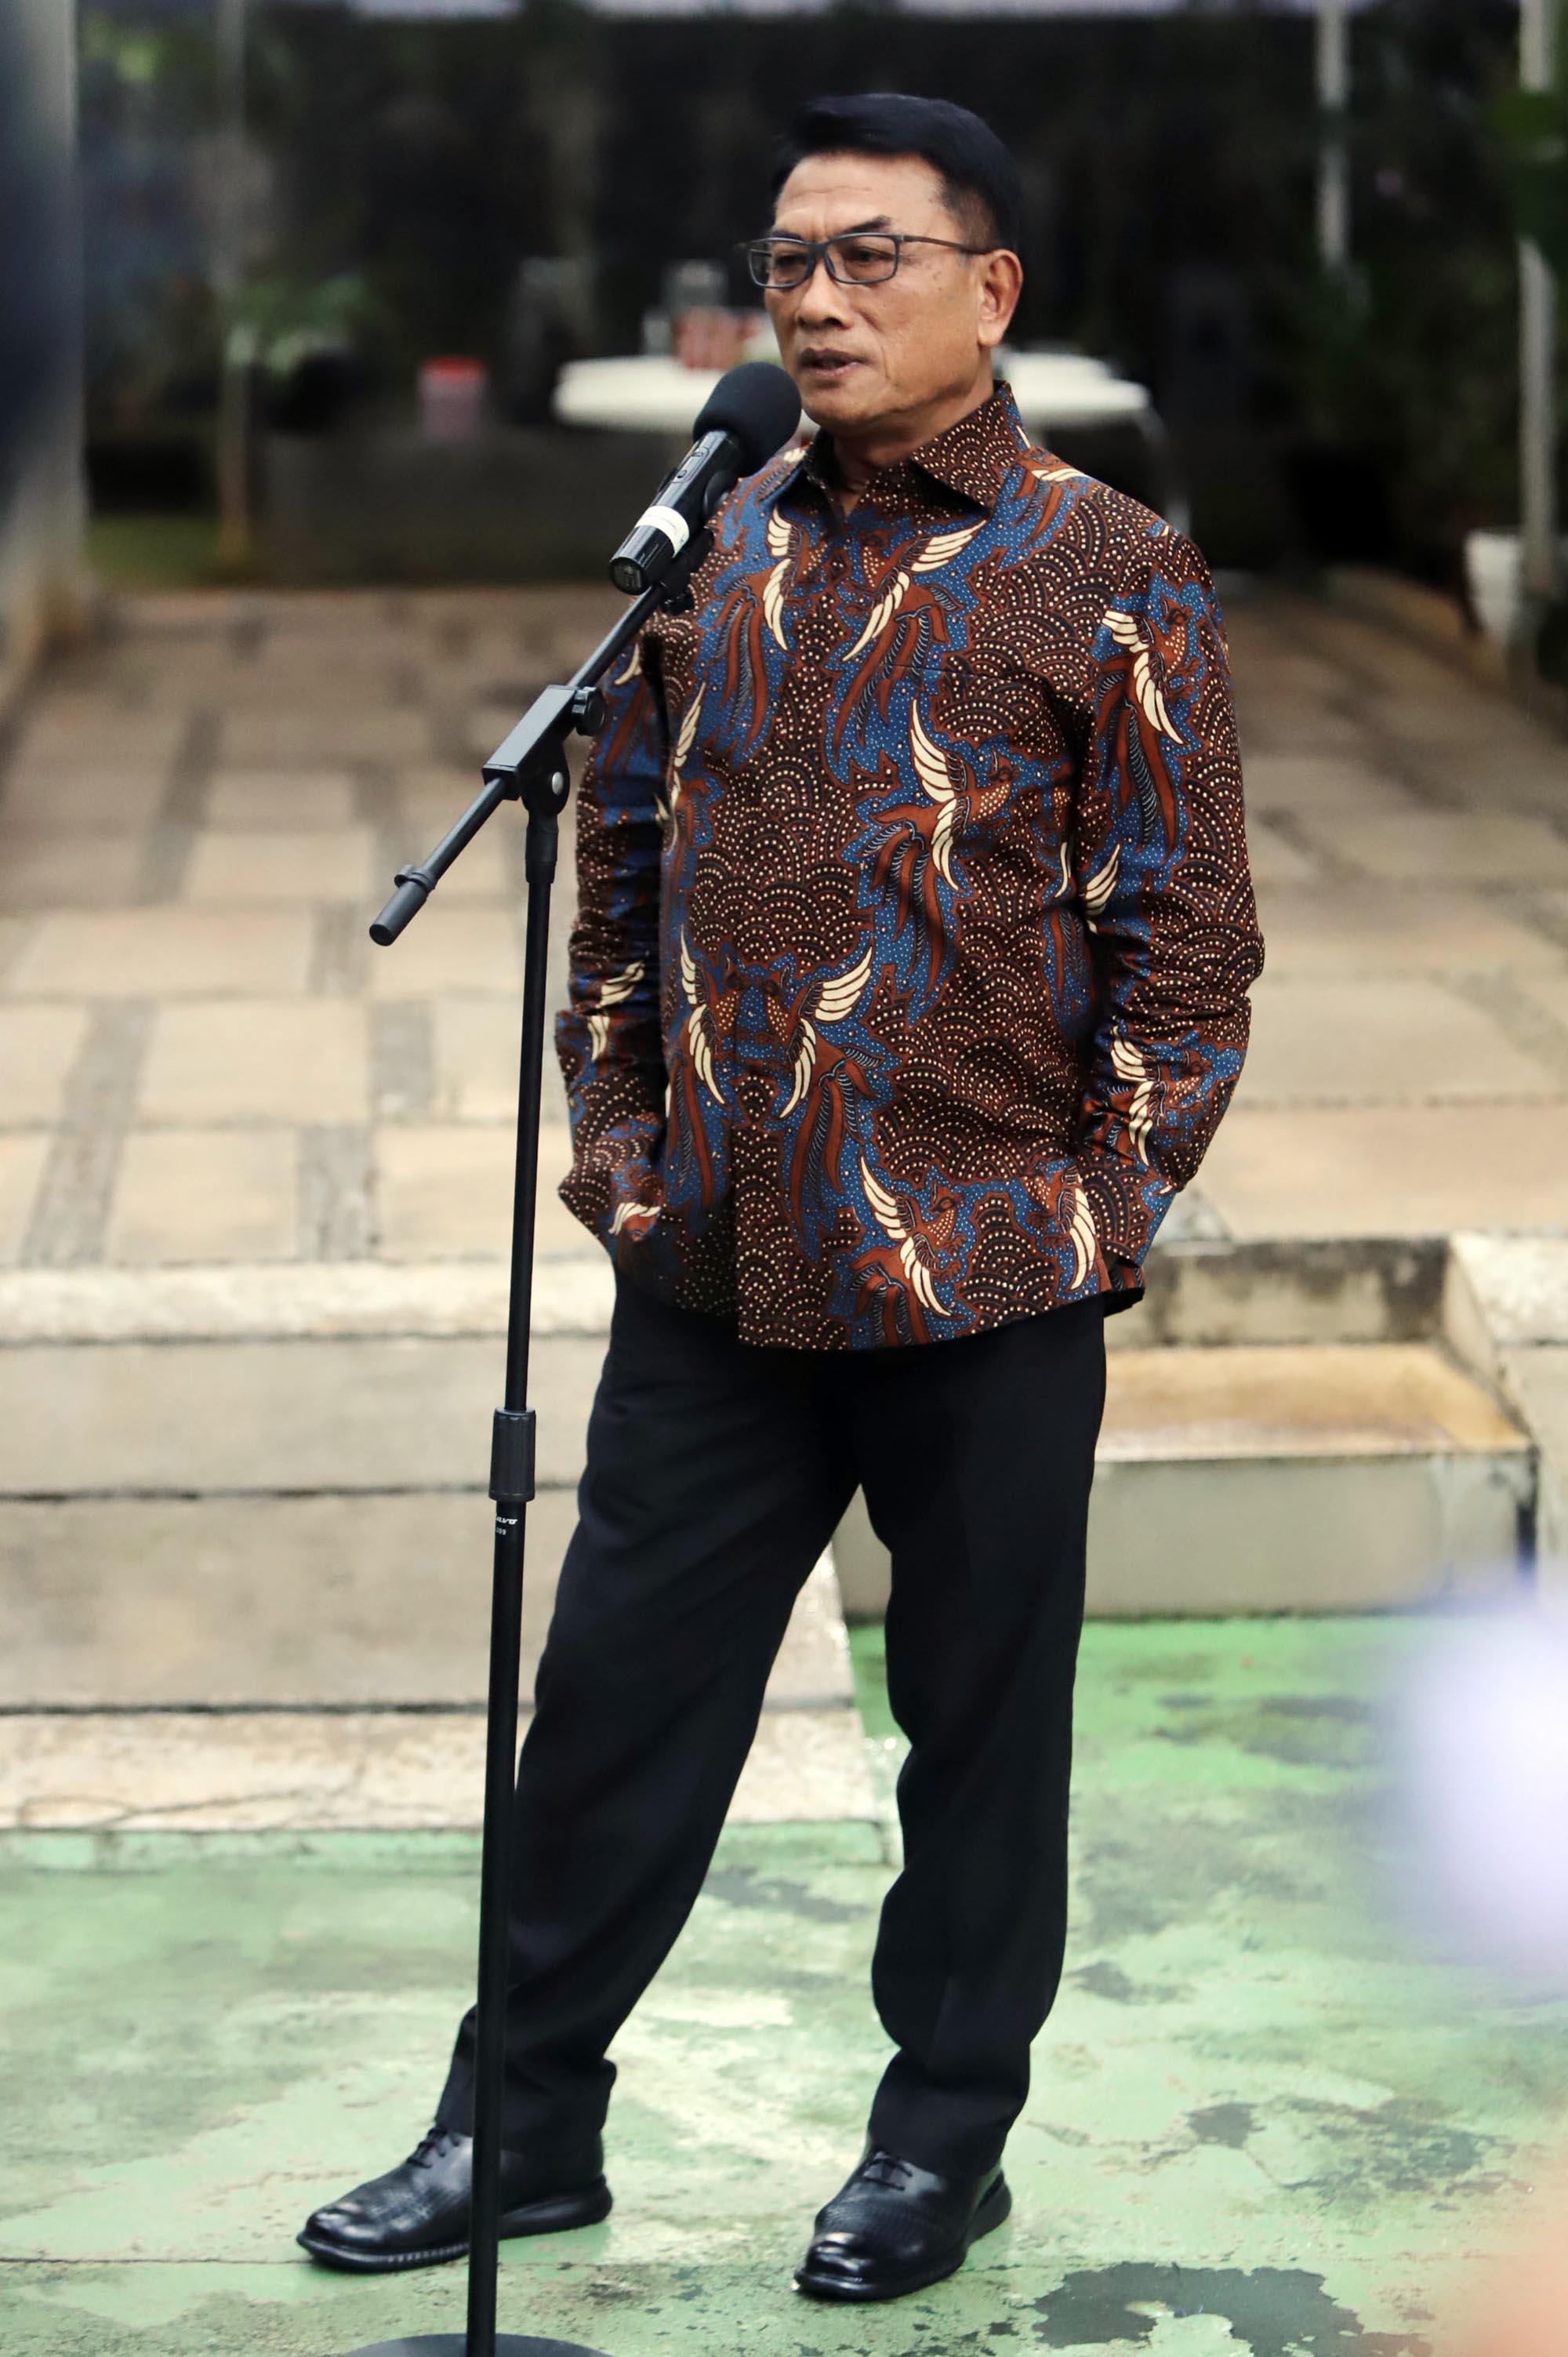 Kepala Kantor Staf Presiden Moeldoko memberikan keterangan pers di kawasan Menteng, Jakarta, Rabu (3/2/2021). Keterangan pers tersebut untuk menanggapi pernyataan Ketua Umum Partai Demokrat Agus Harimurti Yudhoyono terkait tudingan kudeta AHY dari kepemimpinan Ketum Demokrat demi kepentingan Pilpres 2024. TRIBUNNEWS/HERUDIN